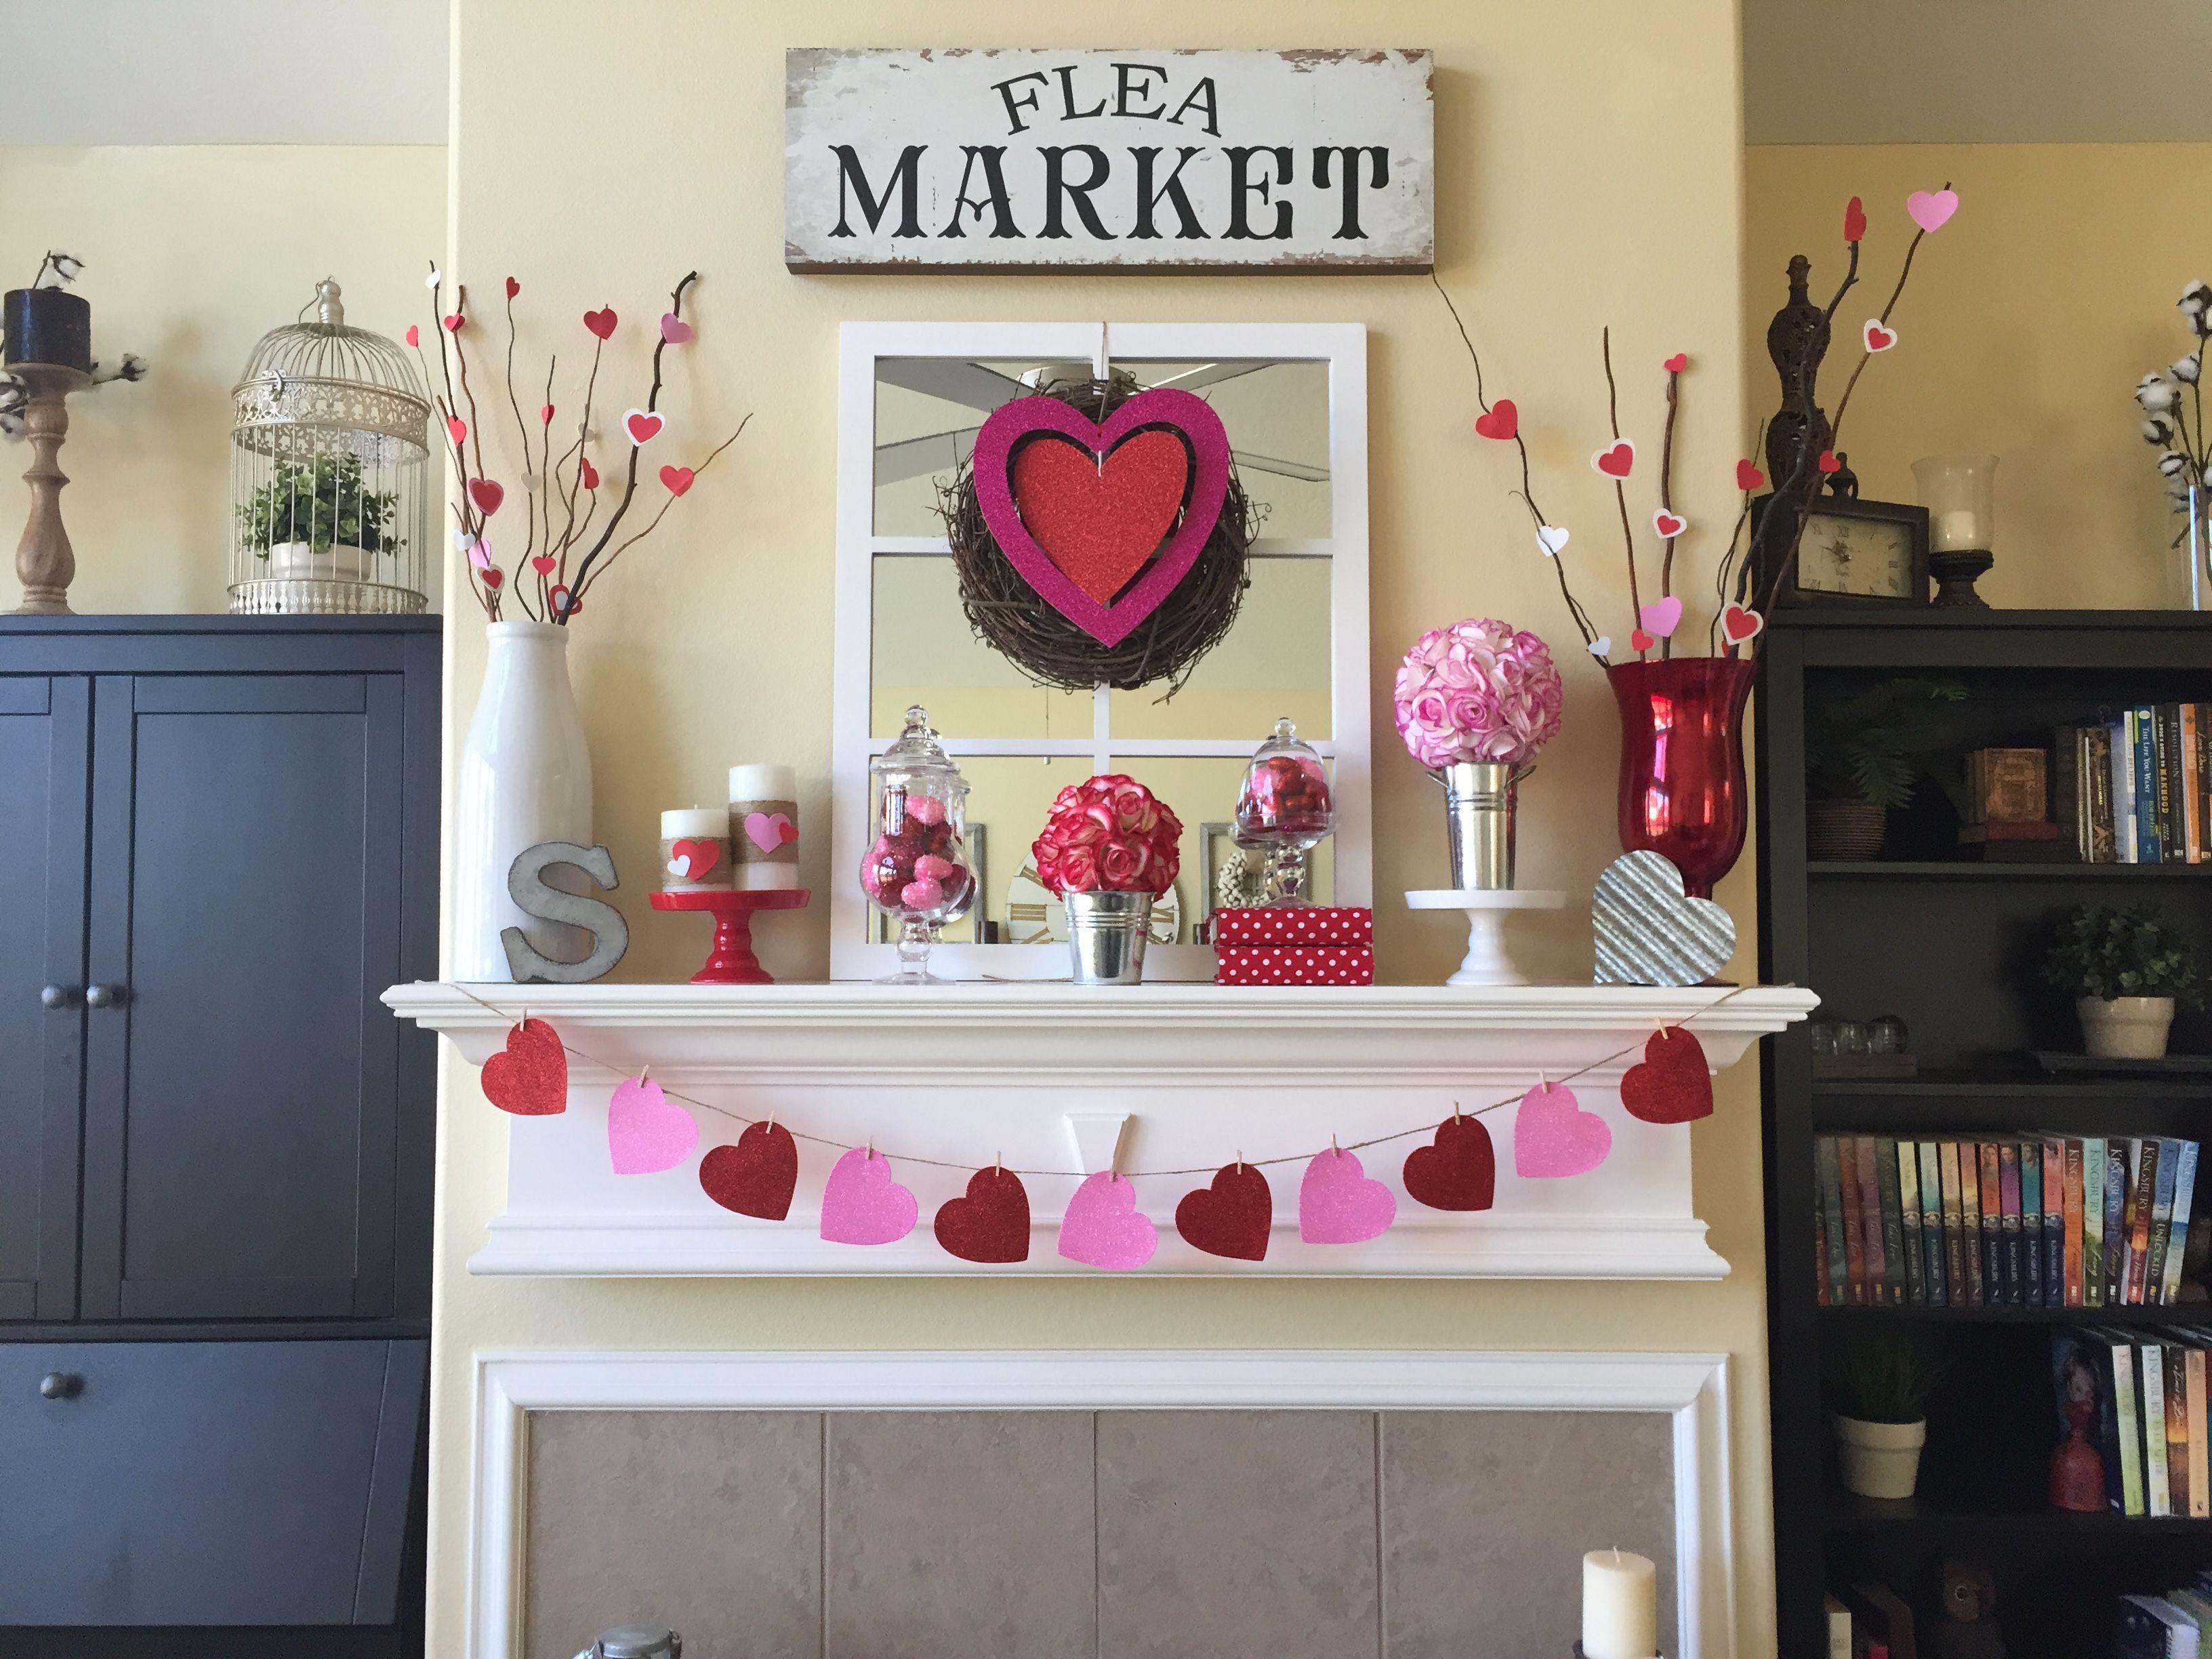 DIY Valentine's Day Mantle Decor Handmade Banner Wreath Candles Flower Balls Heart Twigs